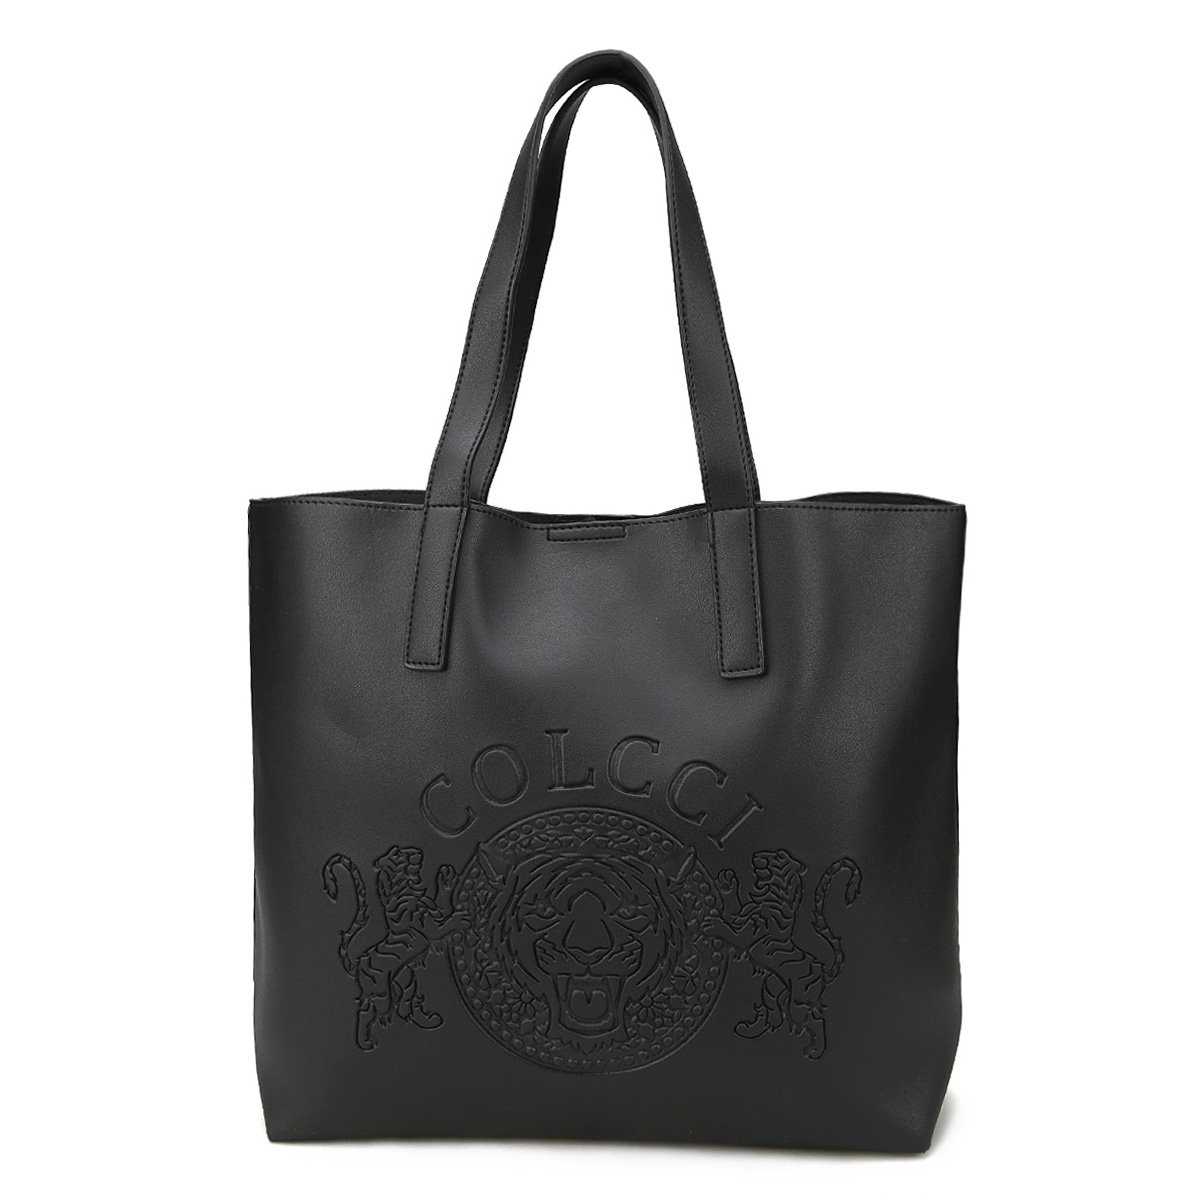 Bolsas Femininas - Compre Bolsas Femininas Online  f0f2a35ebe7